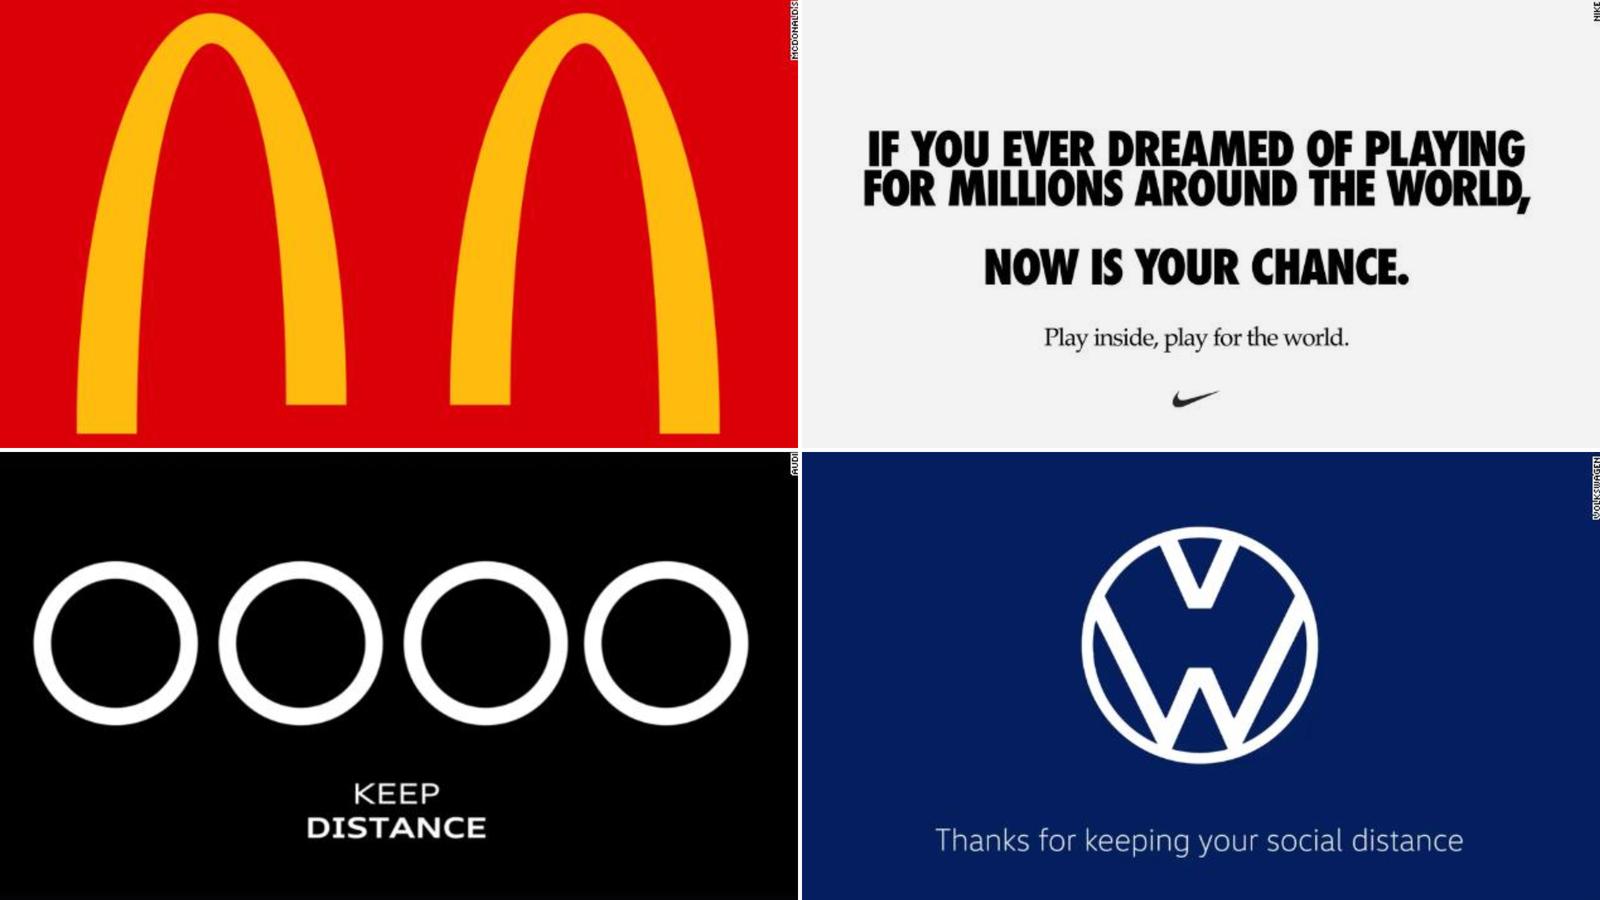 (Audi/Volkswagen/McDonald's/Nike/CNN)